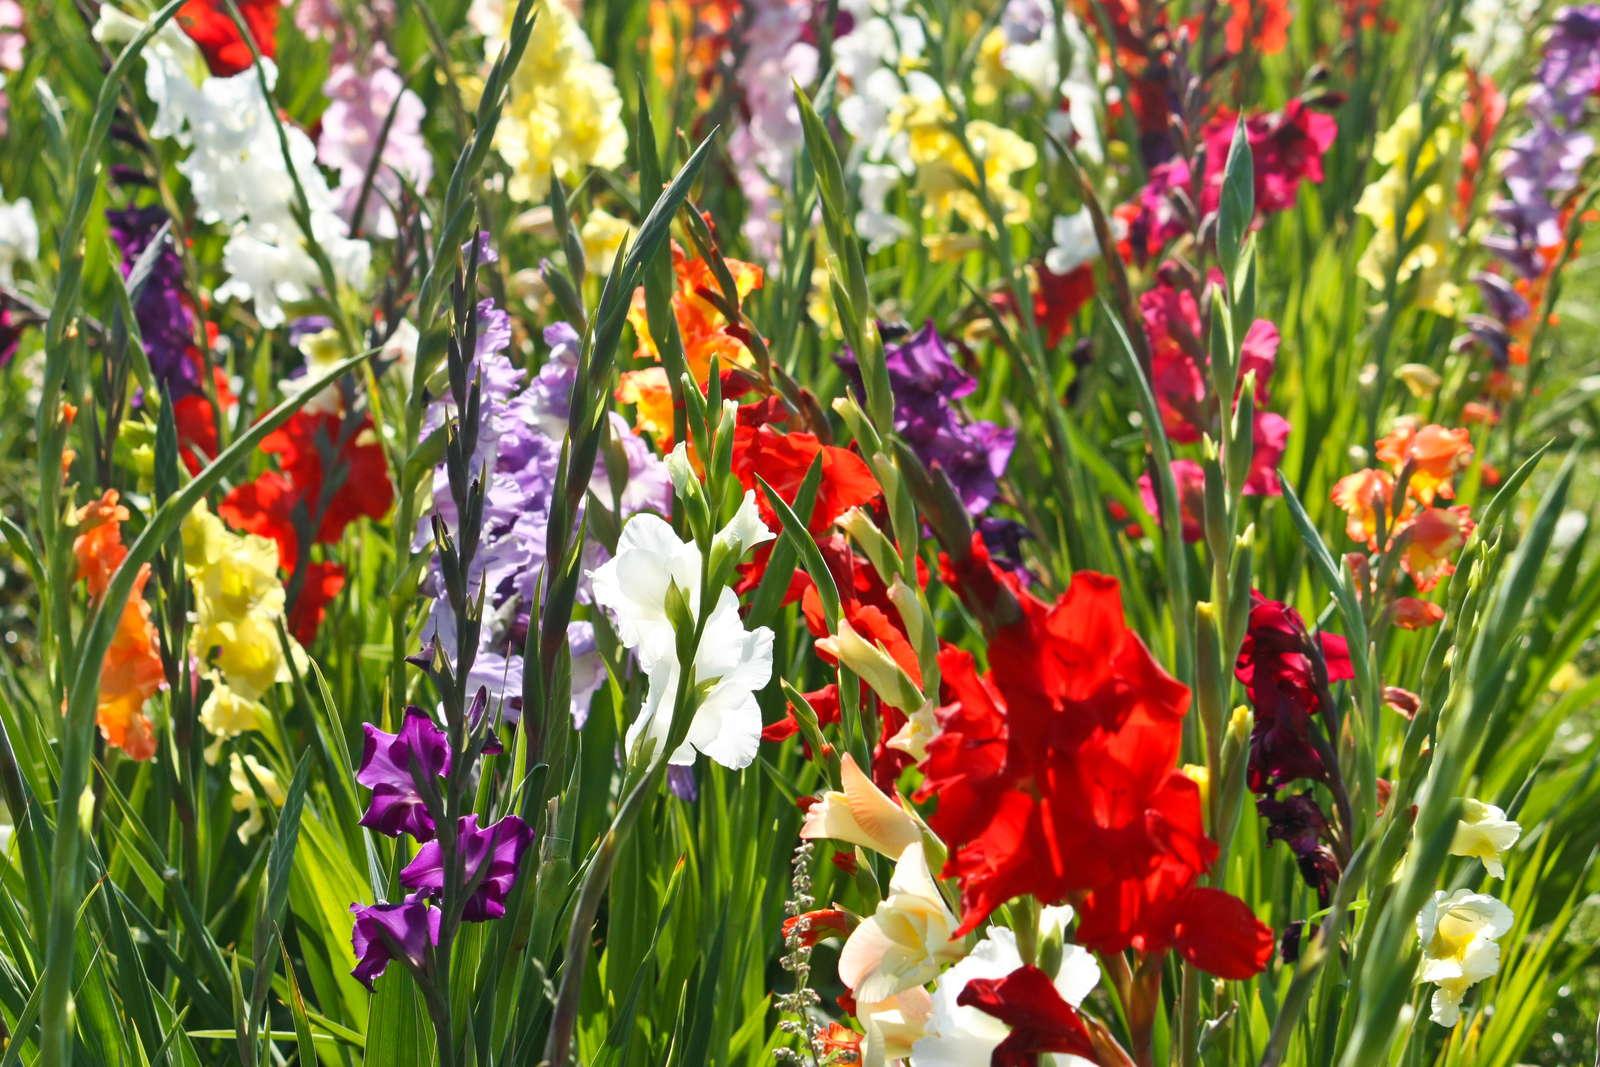 Atemberaubend Gladiolen: Hilfreiche Tipps zum Einpflanzen, Schneiden & Pflegen #CQ_41